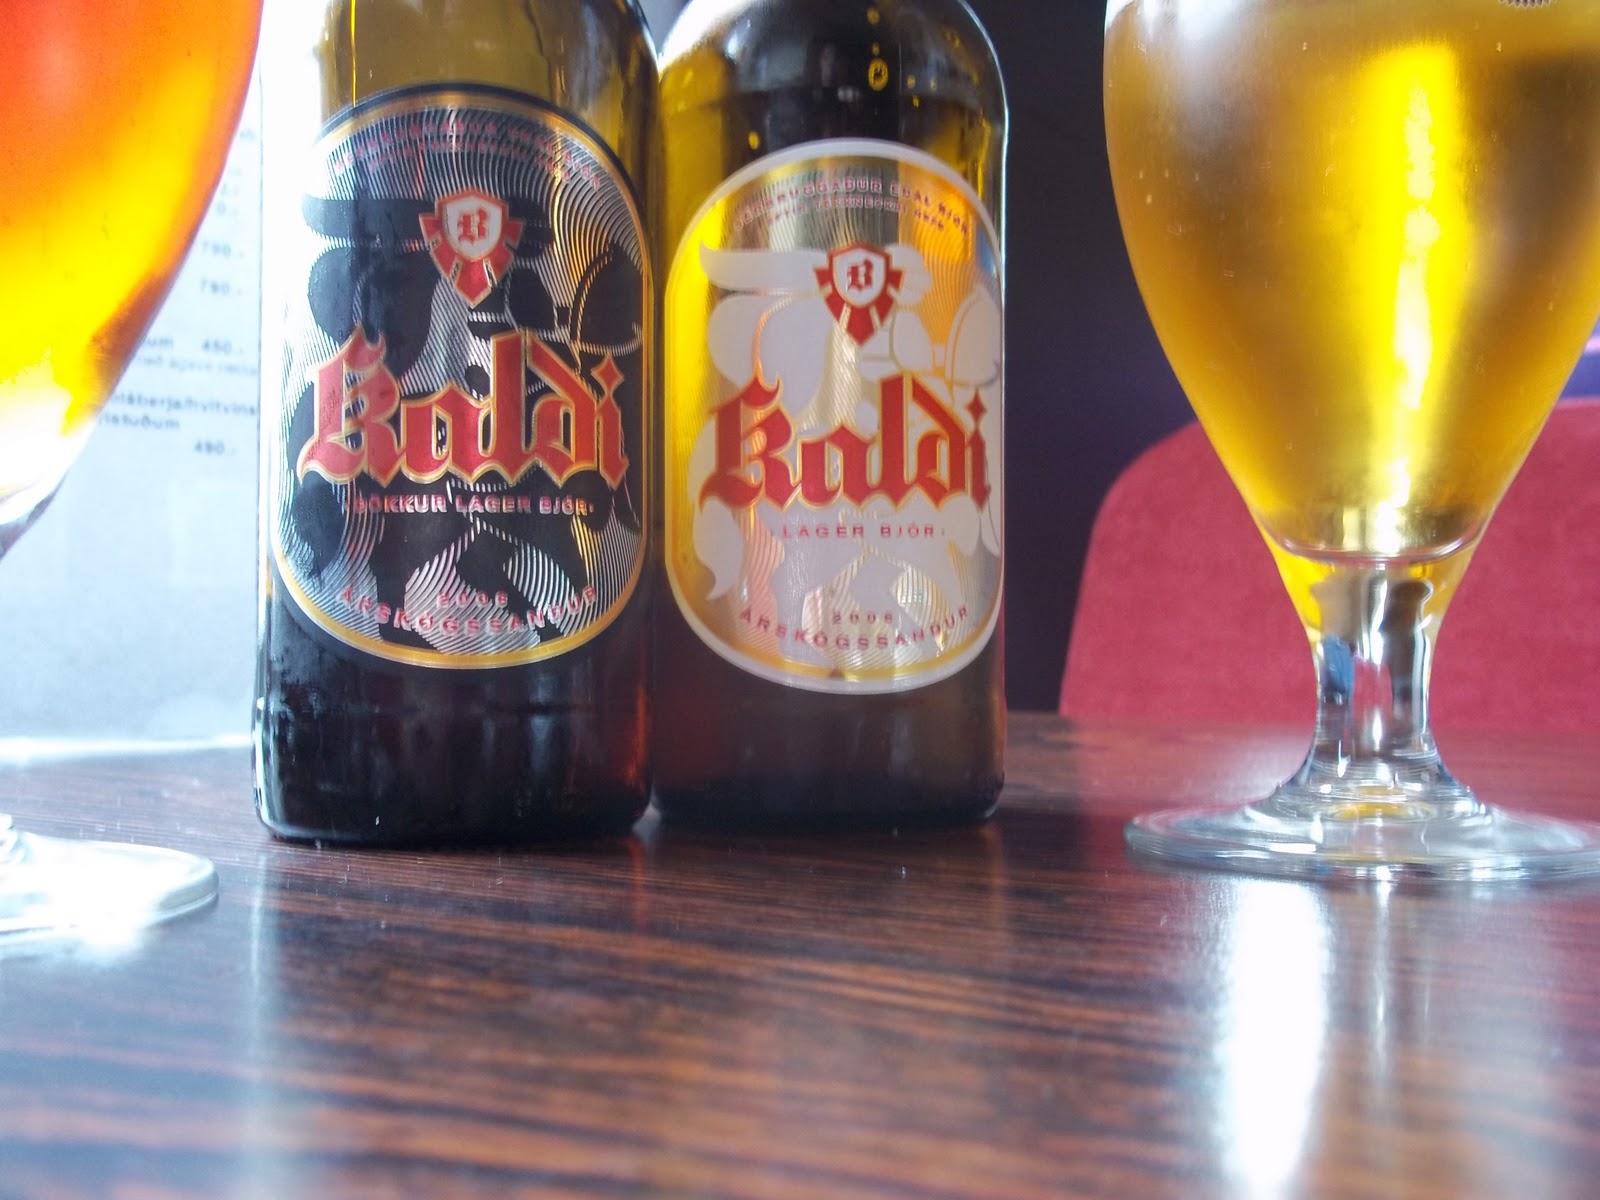 Foto http://isaacjamesbaker.blogspot.com.br/